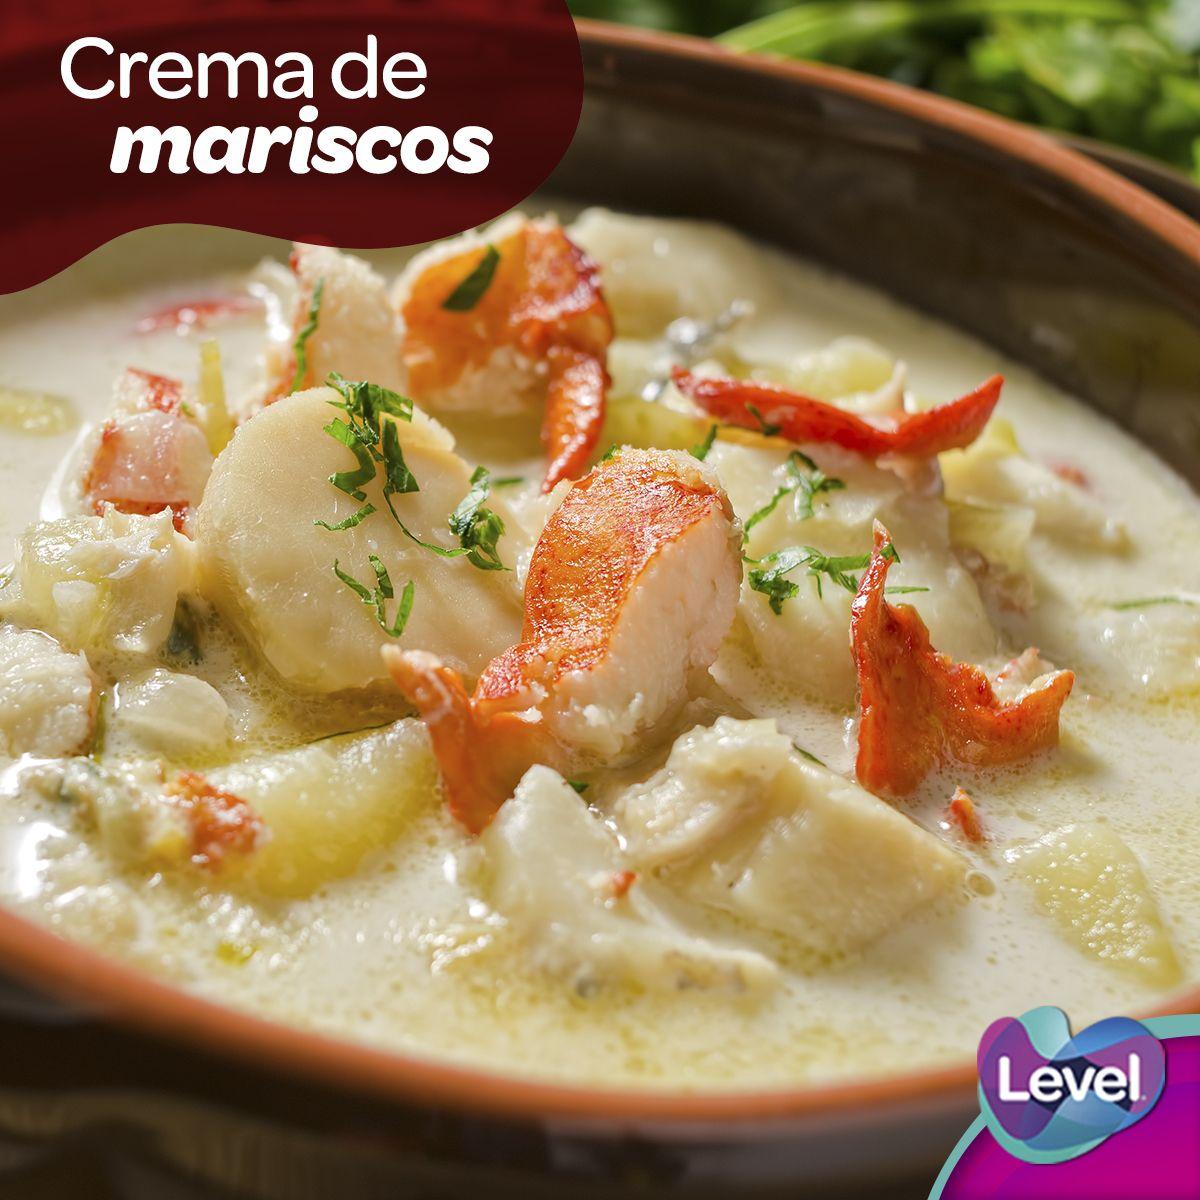 Crema de mariscos, una opción deliciosa para comer en cuaresma.